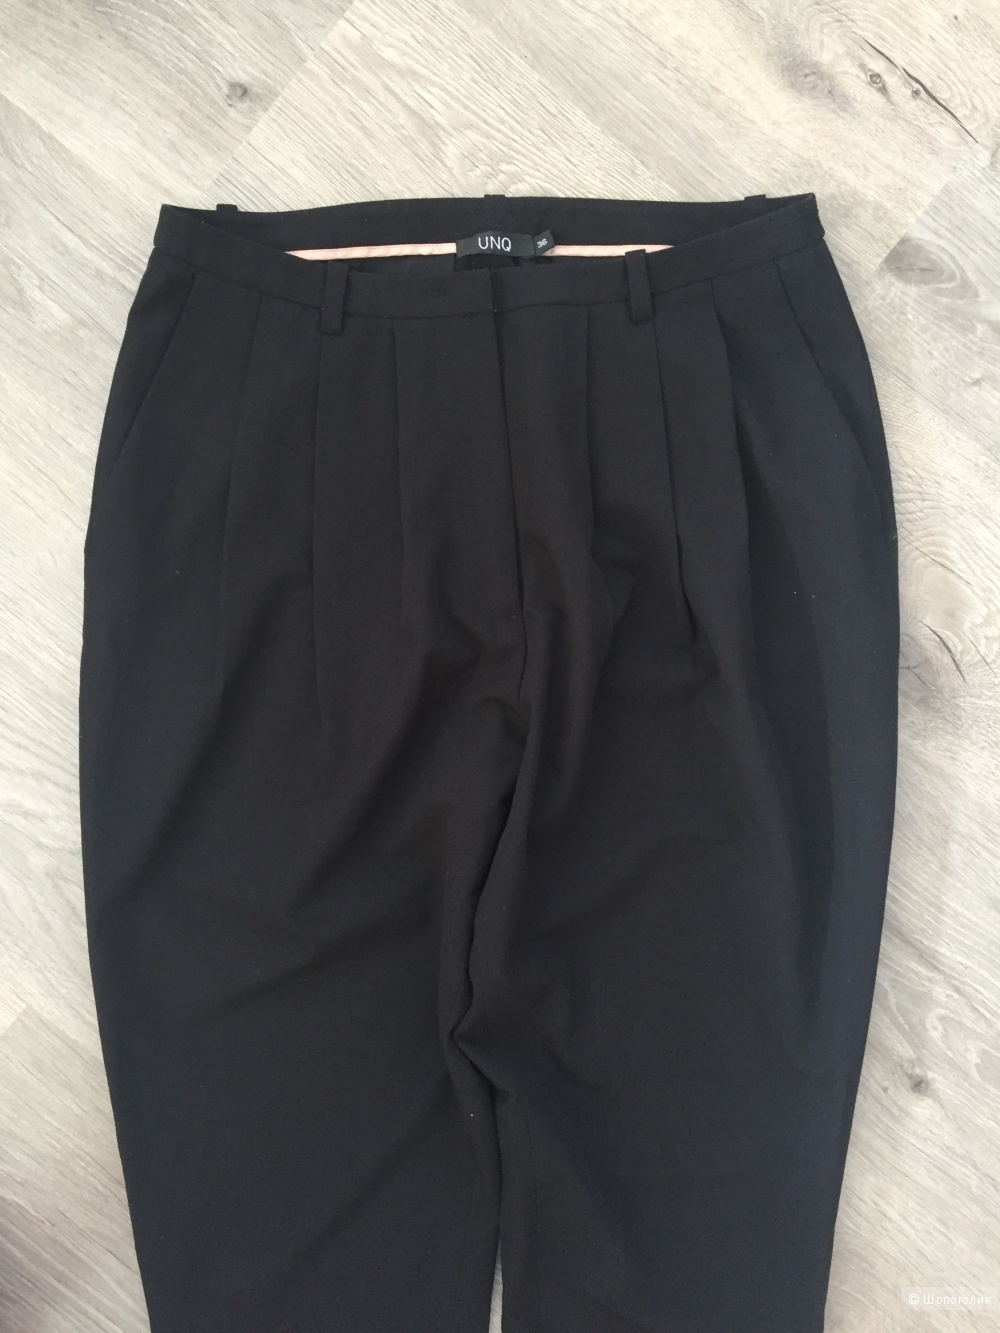 Черные брюки фирмы UNQ размер 44-46